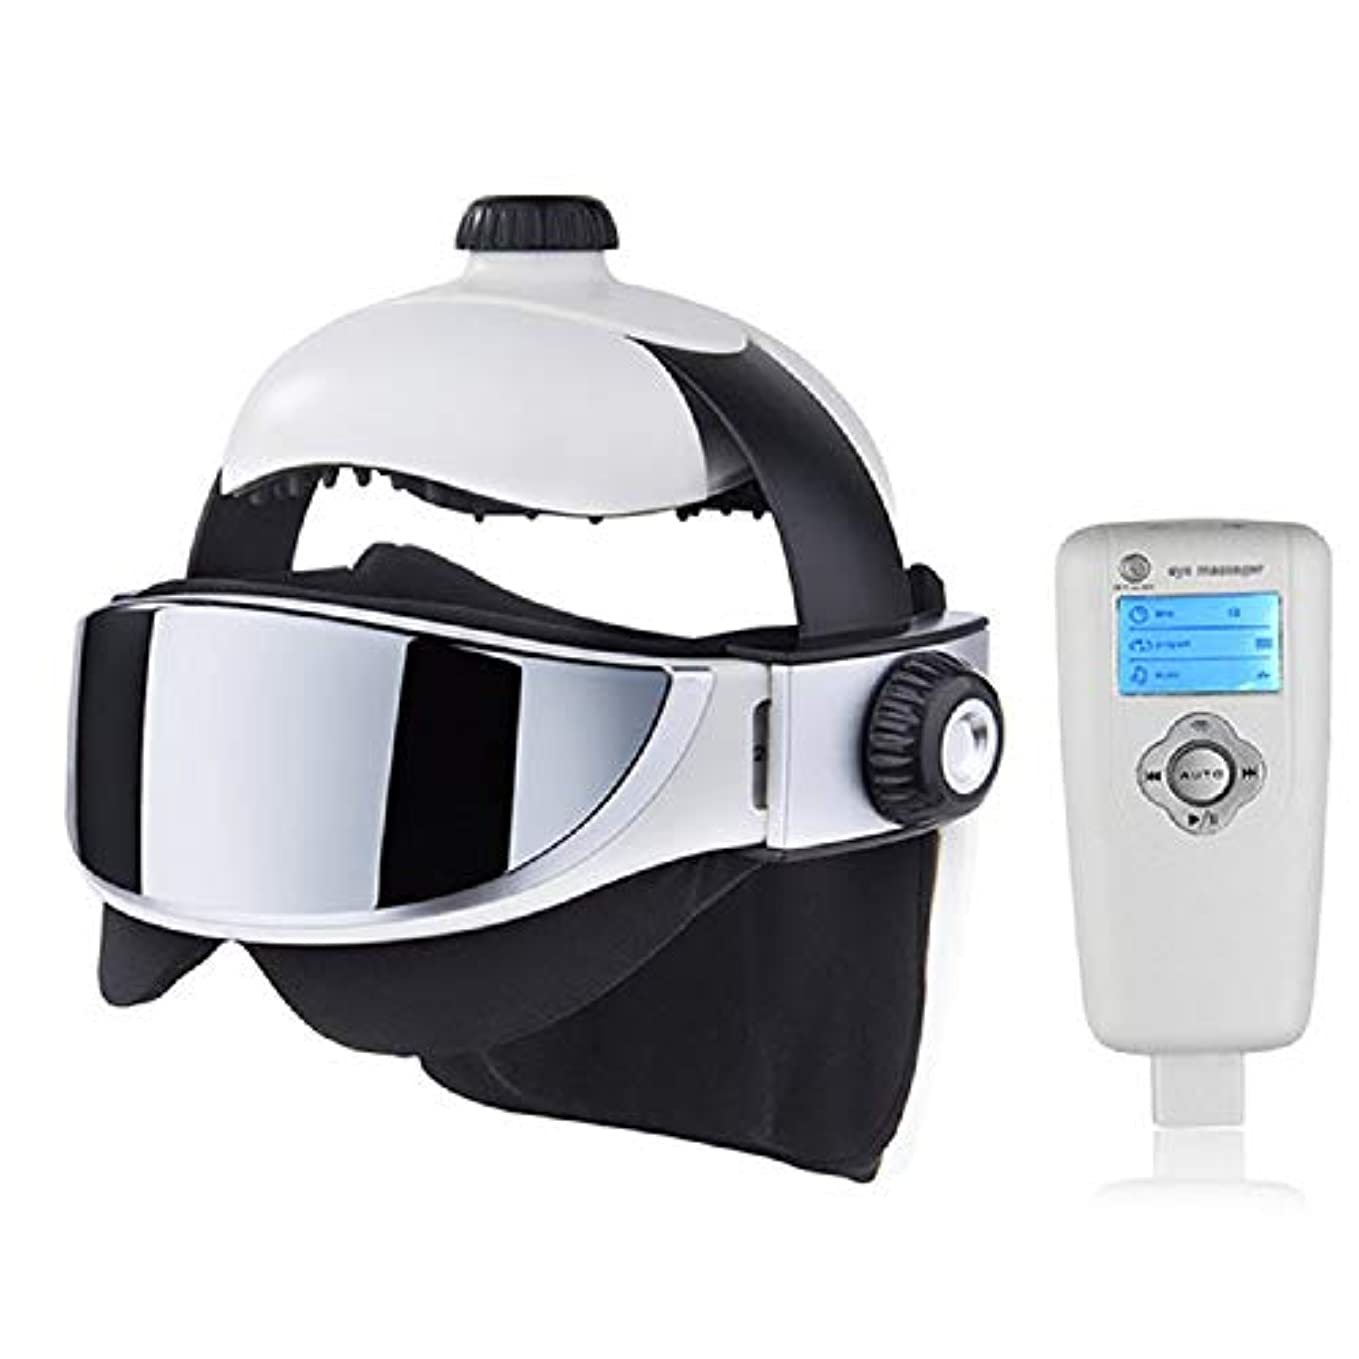 架空の過ち遊具Meet now 高度な圧子2イン1ヘッドマッサージ、アイマッサージ、高度な音楽マッサージヘルメットデザイン 品質保証